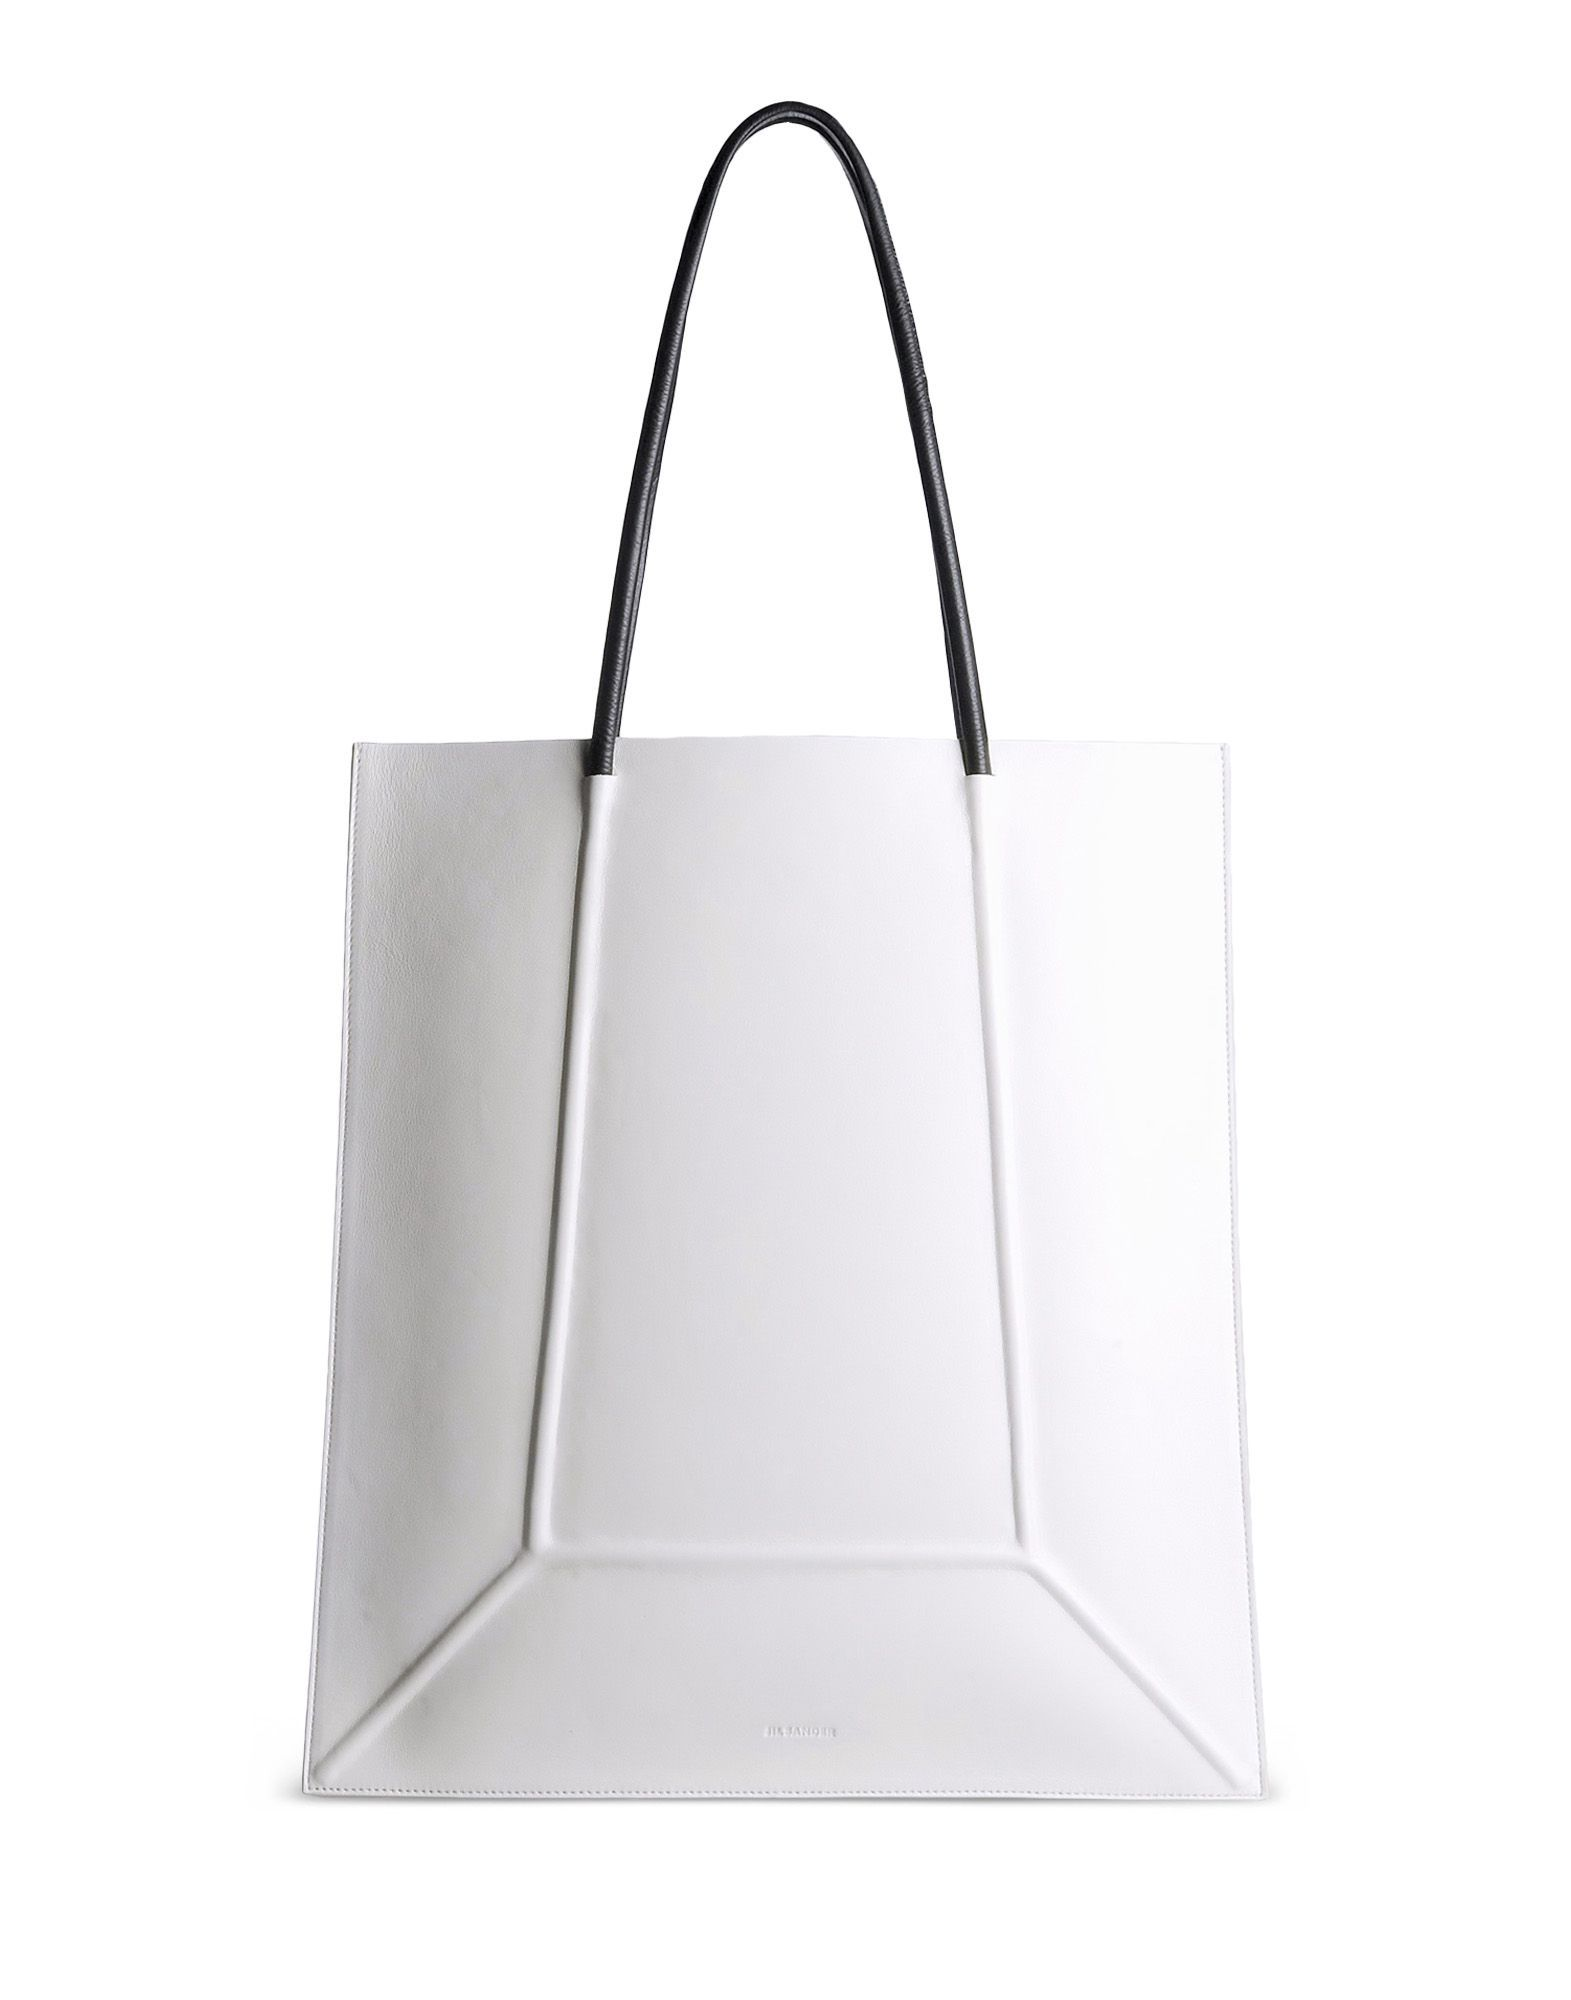 large tote bag - White Jil Sander 2RqW6xN4z